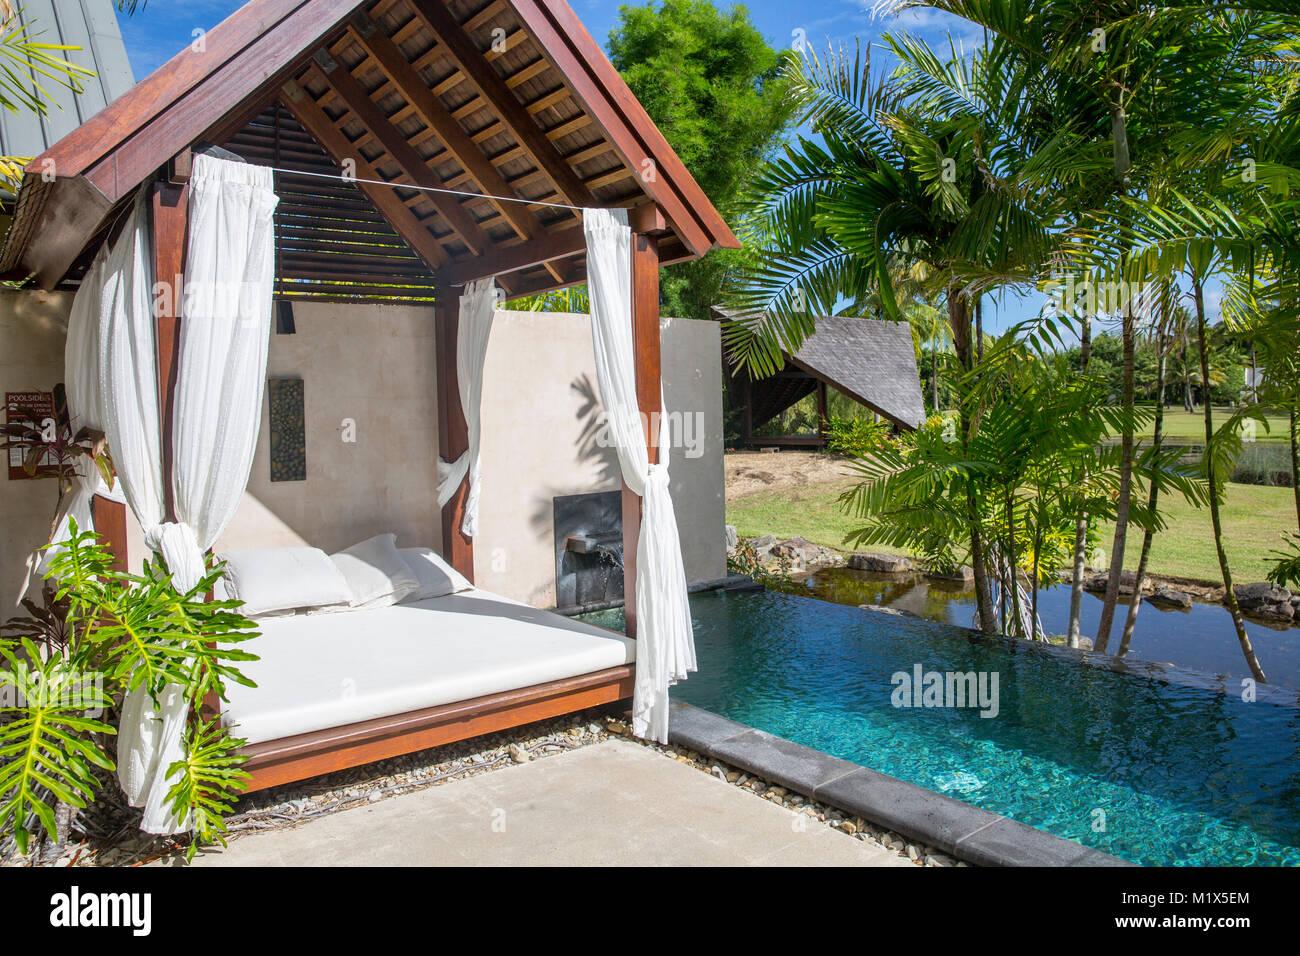 Niramaya Villas And Spa Resort With Plunge Pools And Cabana